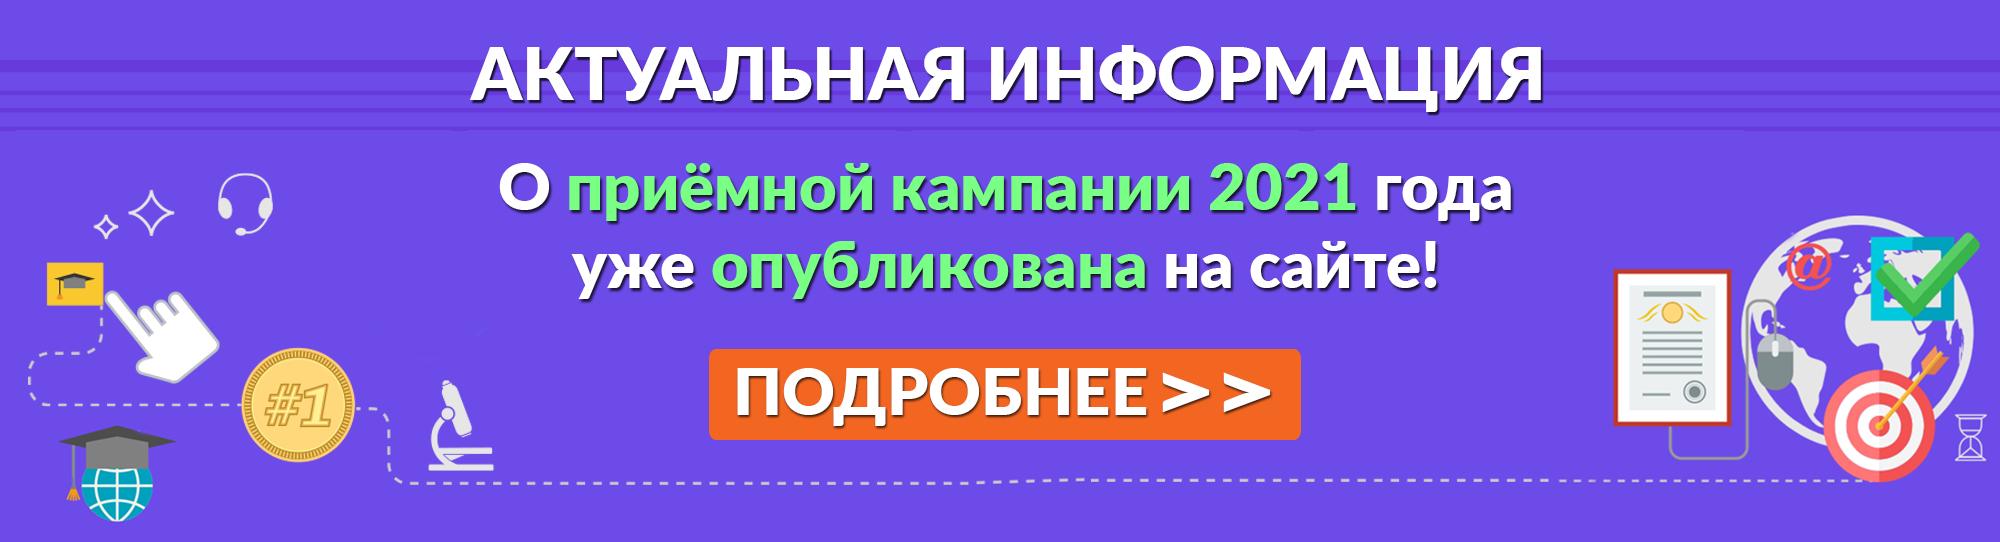 priem 2021